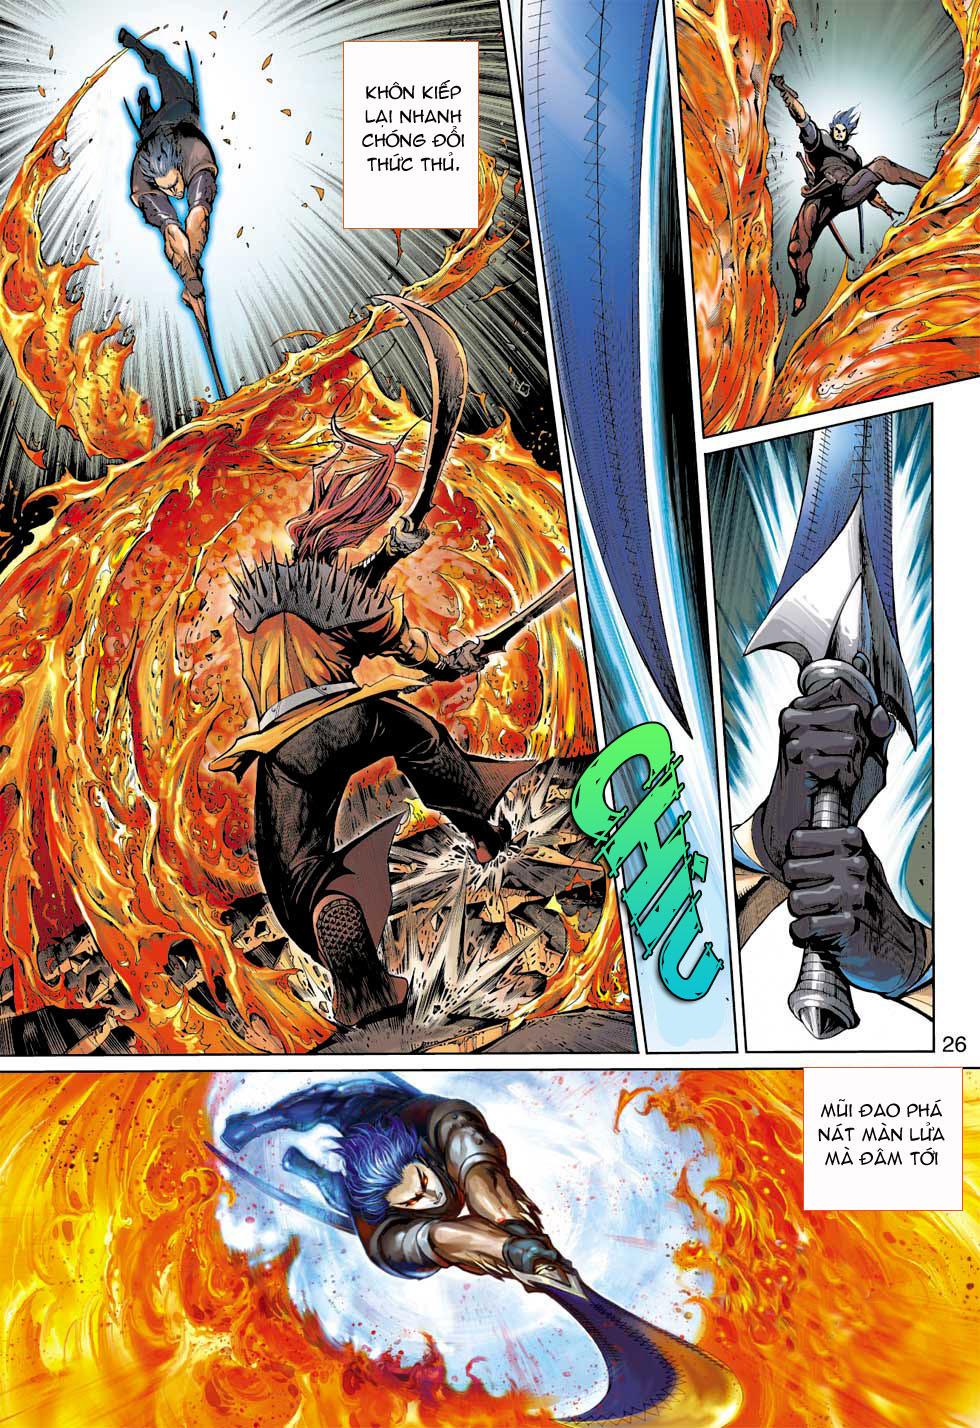 Thần Binh 4 chap 7 - Trang 26